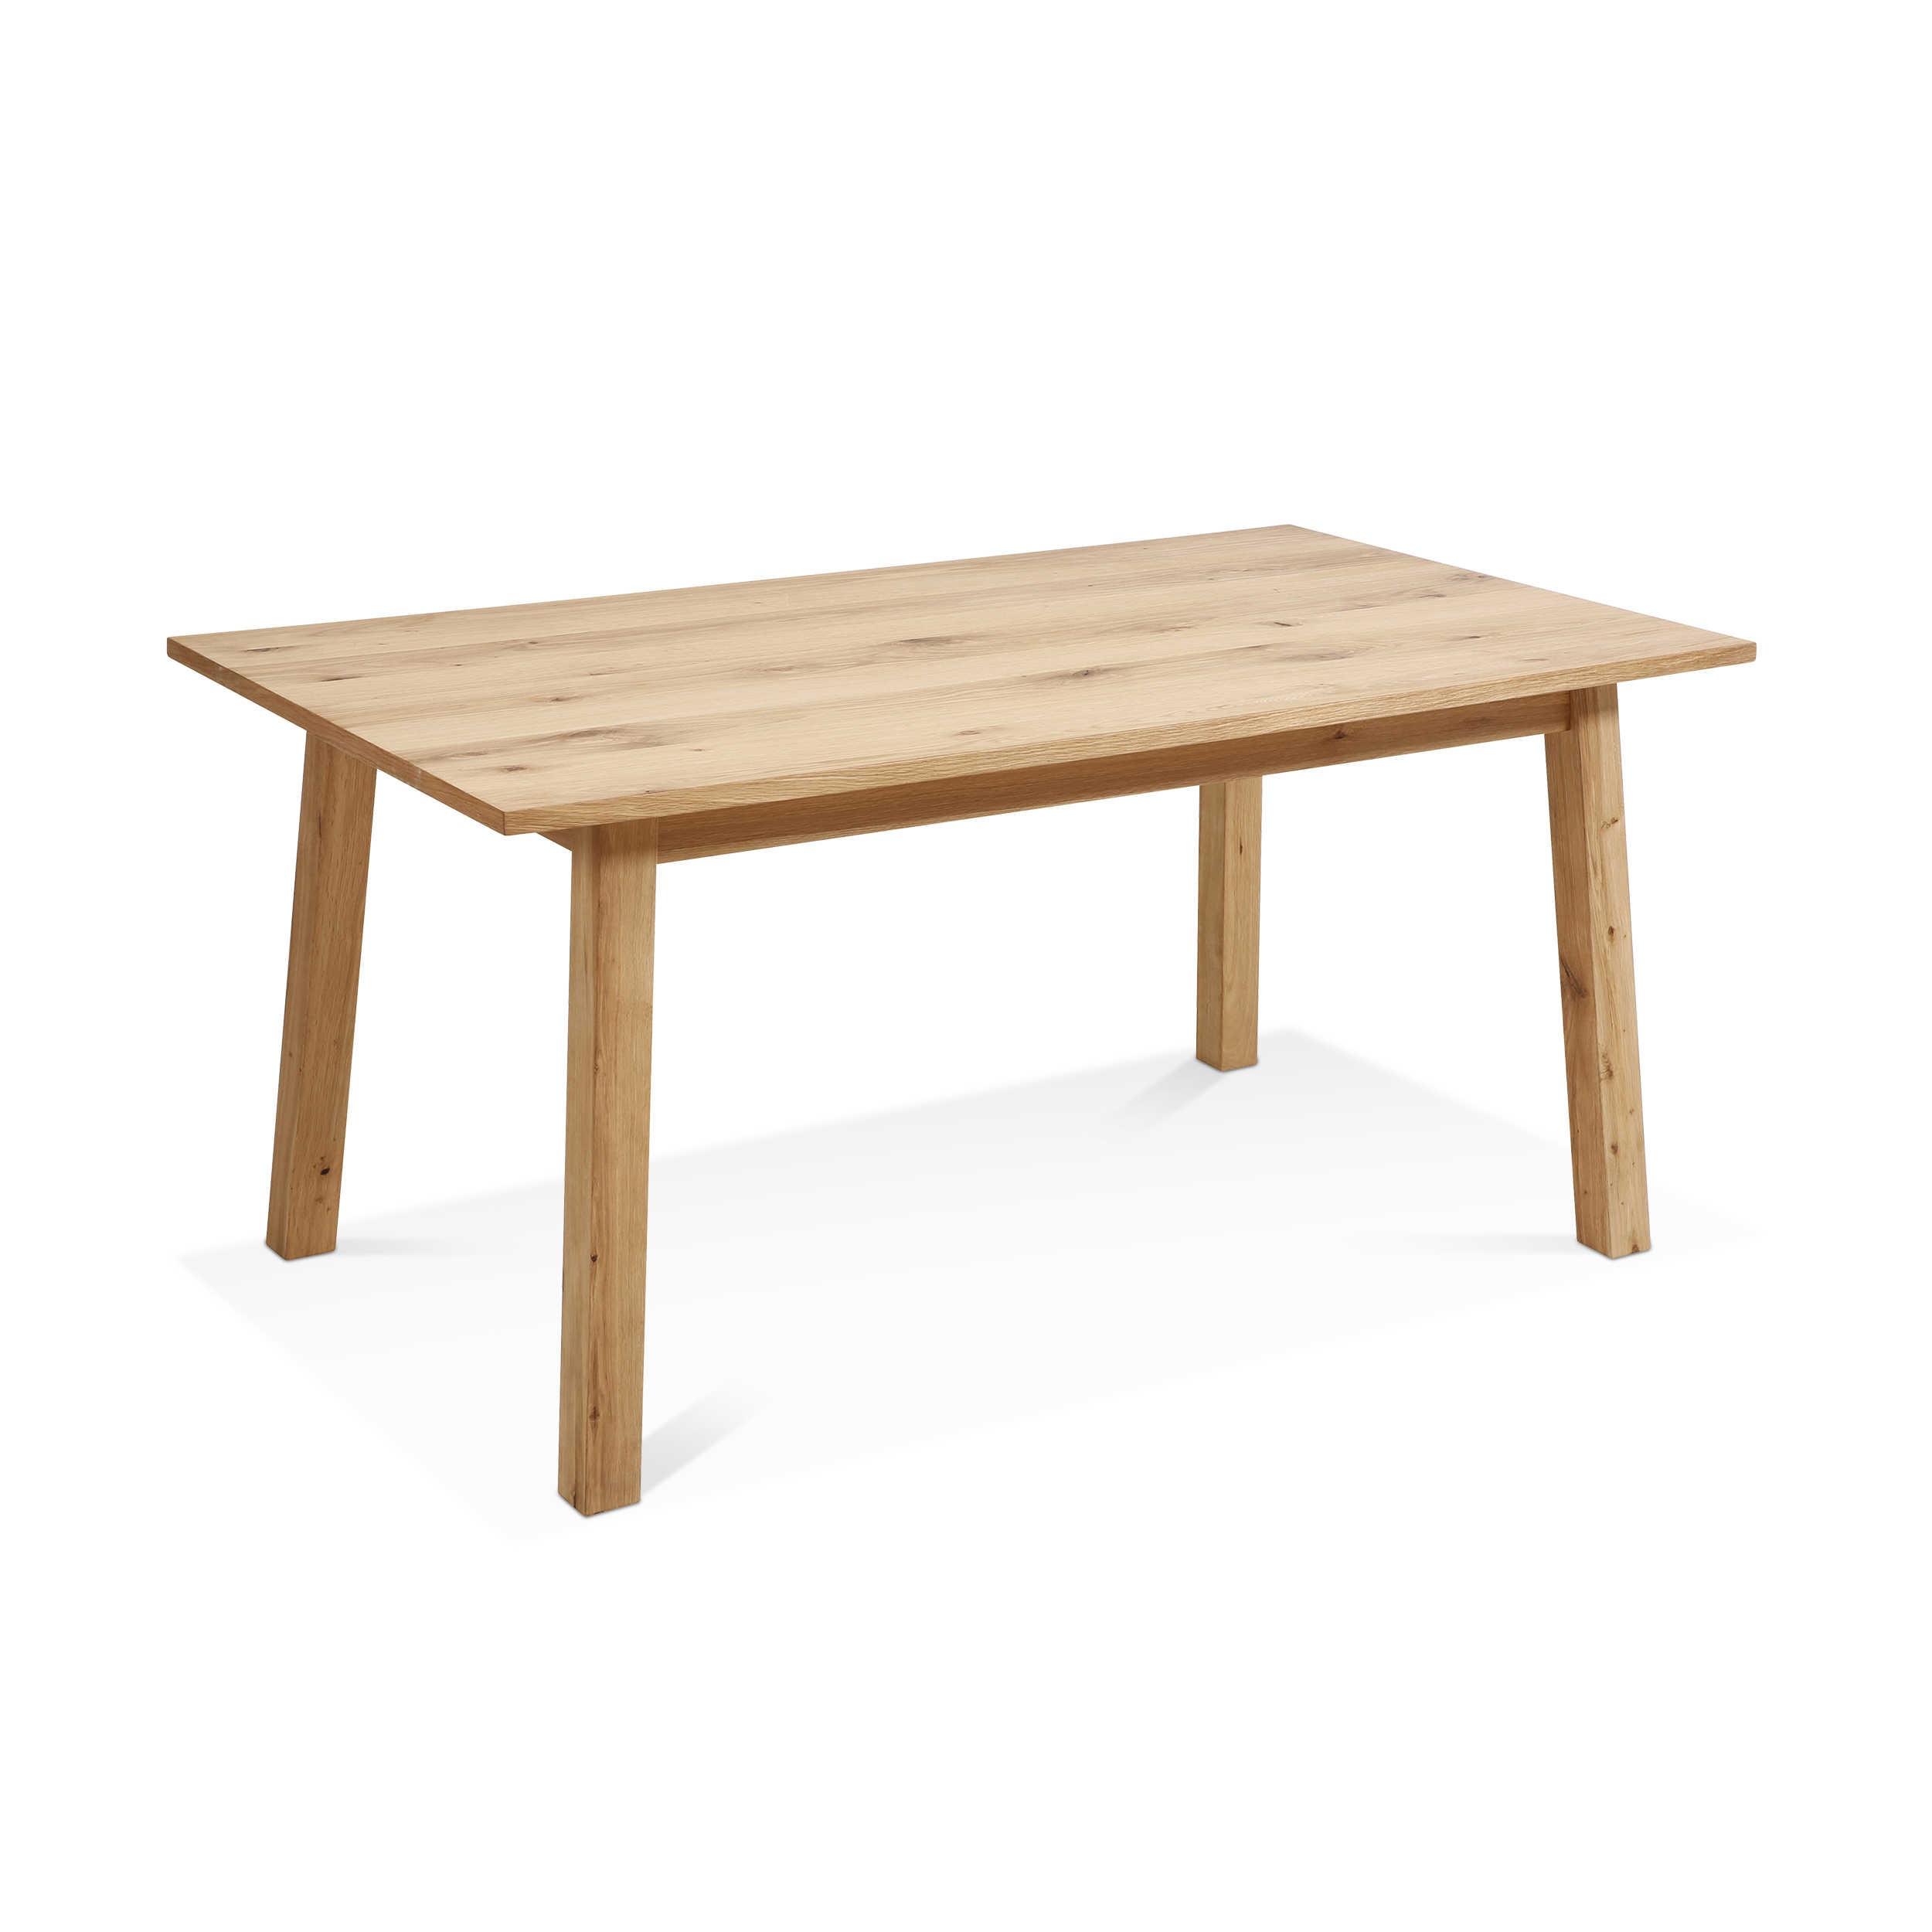 AuBergewohnlich Actona Esstisch Chara 160 X 90 Cm Eiche Holz Online Kaufen Bei WOONIO